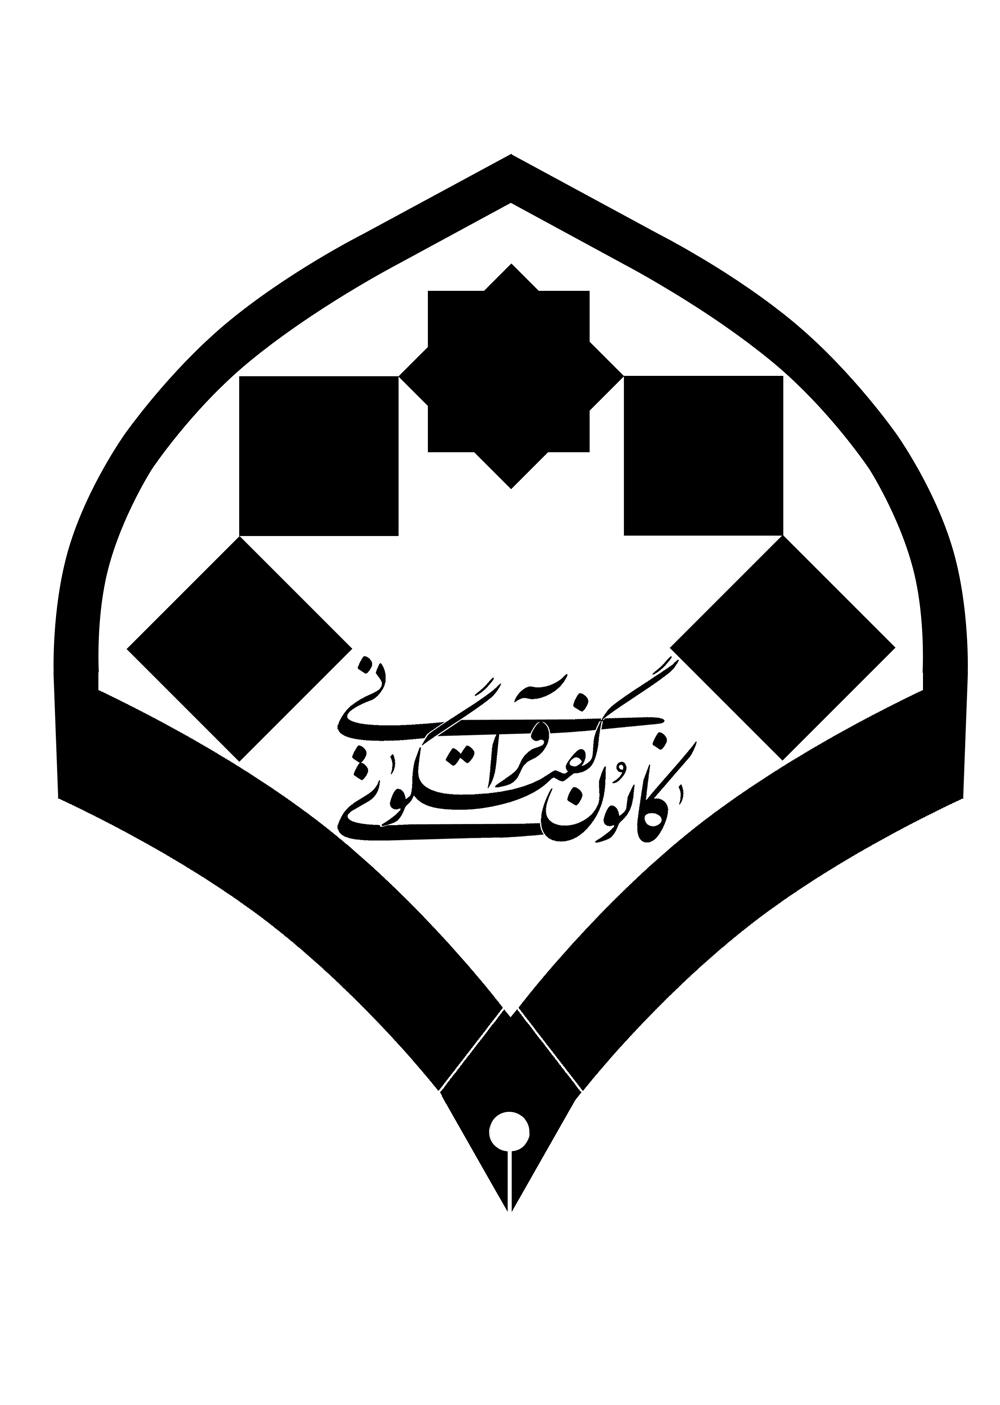 ▄▀▄ رونمایی لوگوی کانون گفتگوی قرآنی ▄▀▄